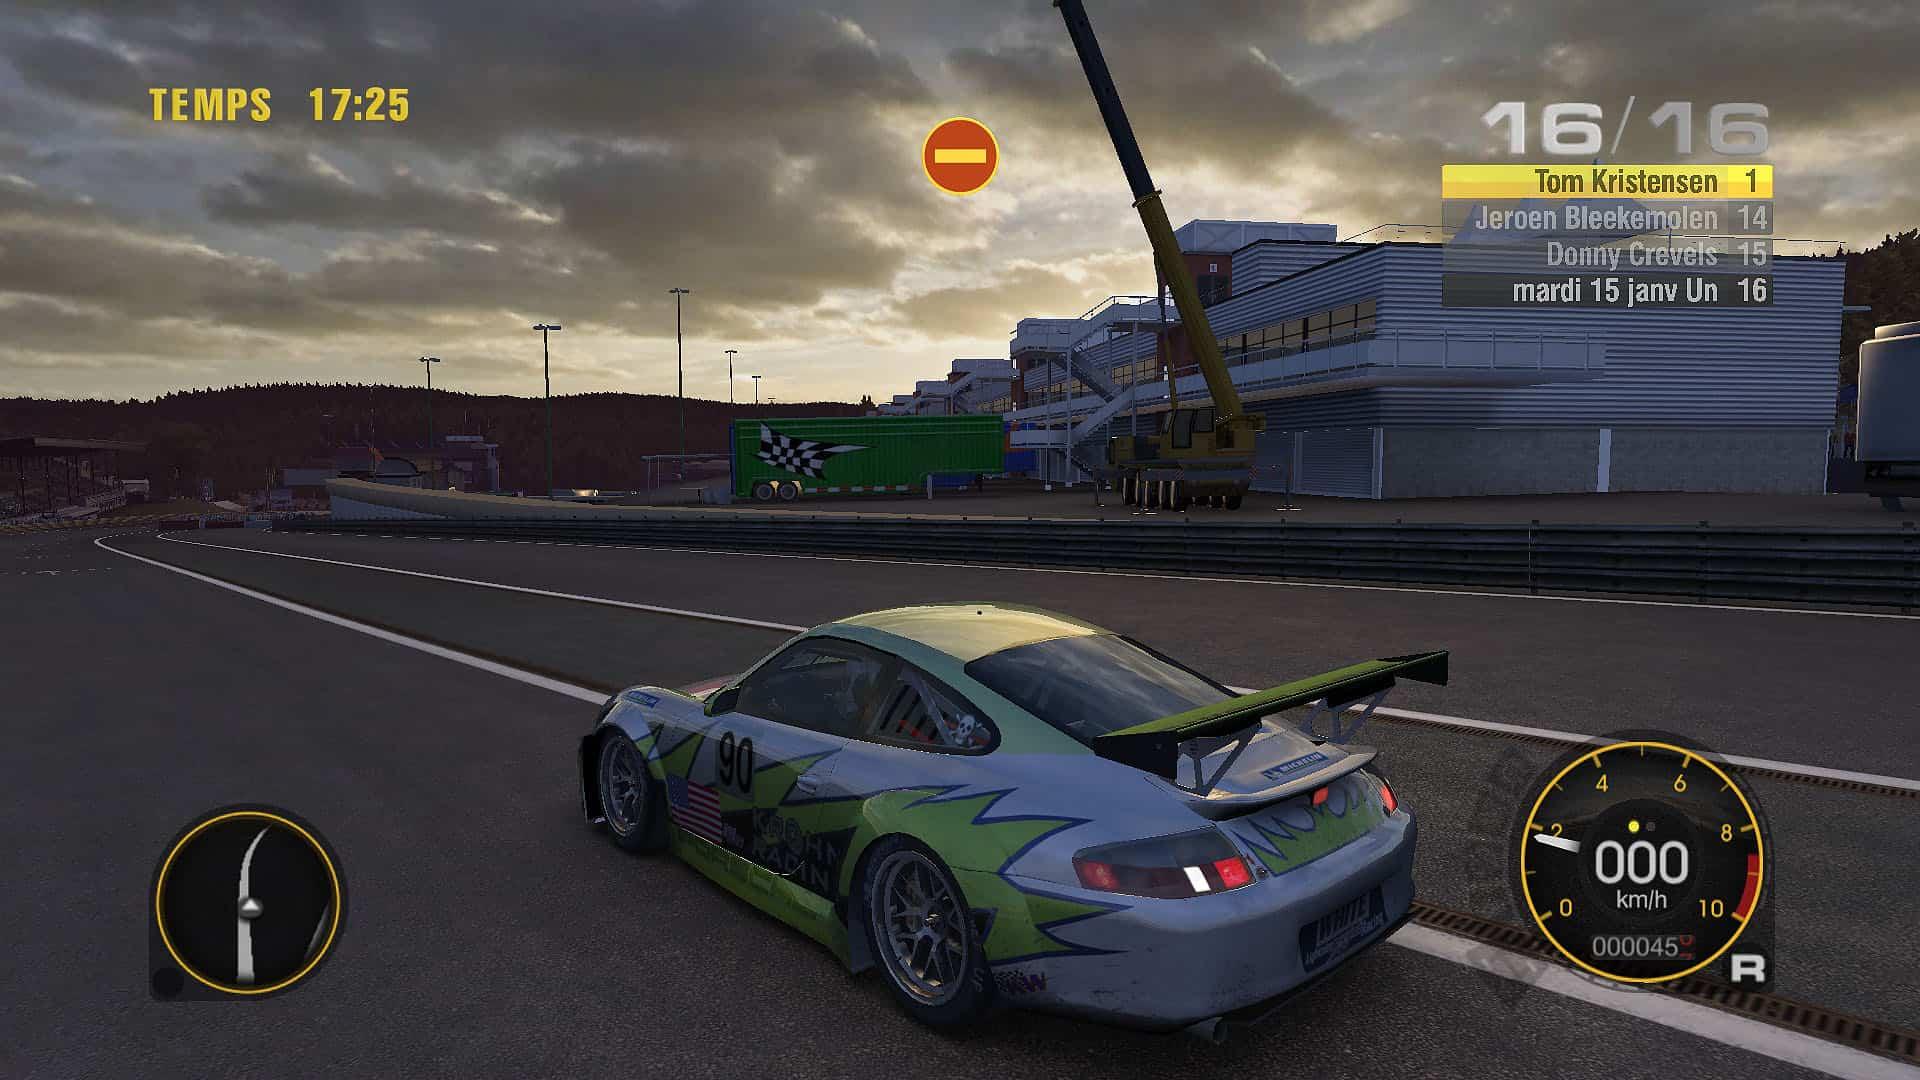 Jeu De Voiture De Course Sur Circuit - Course Automobile à Un Jeu De Voiture De Course